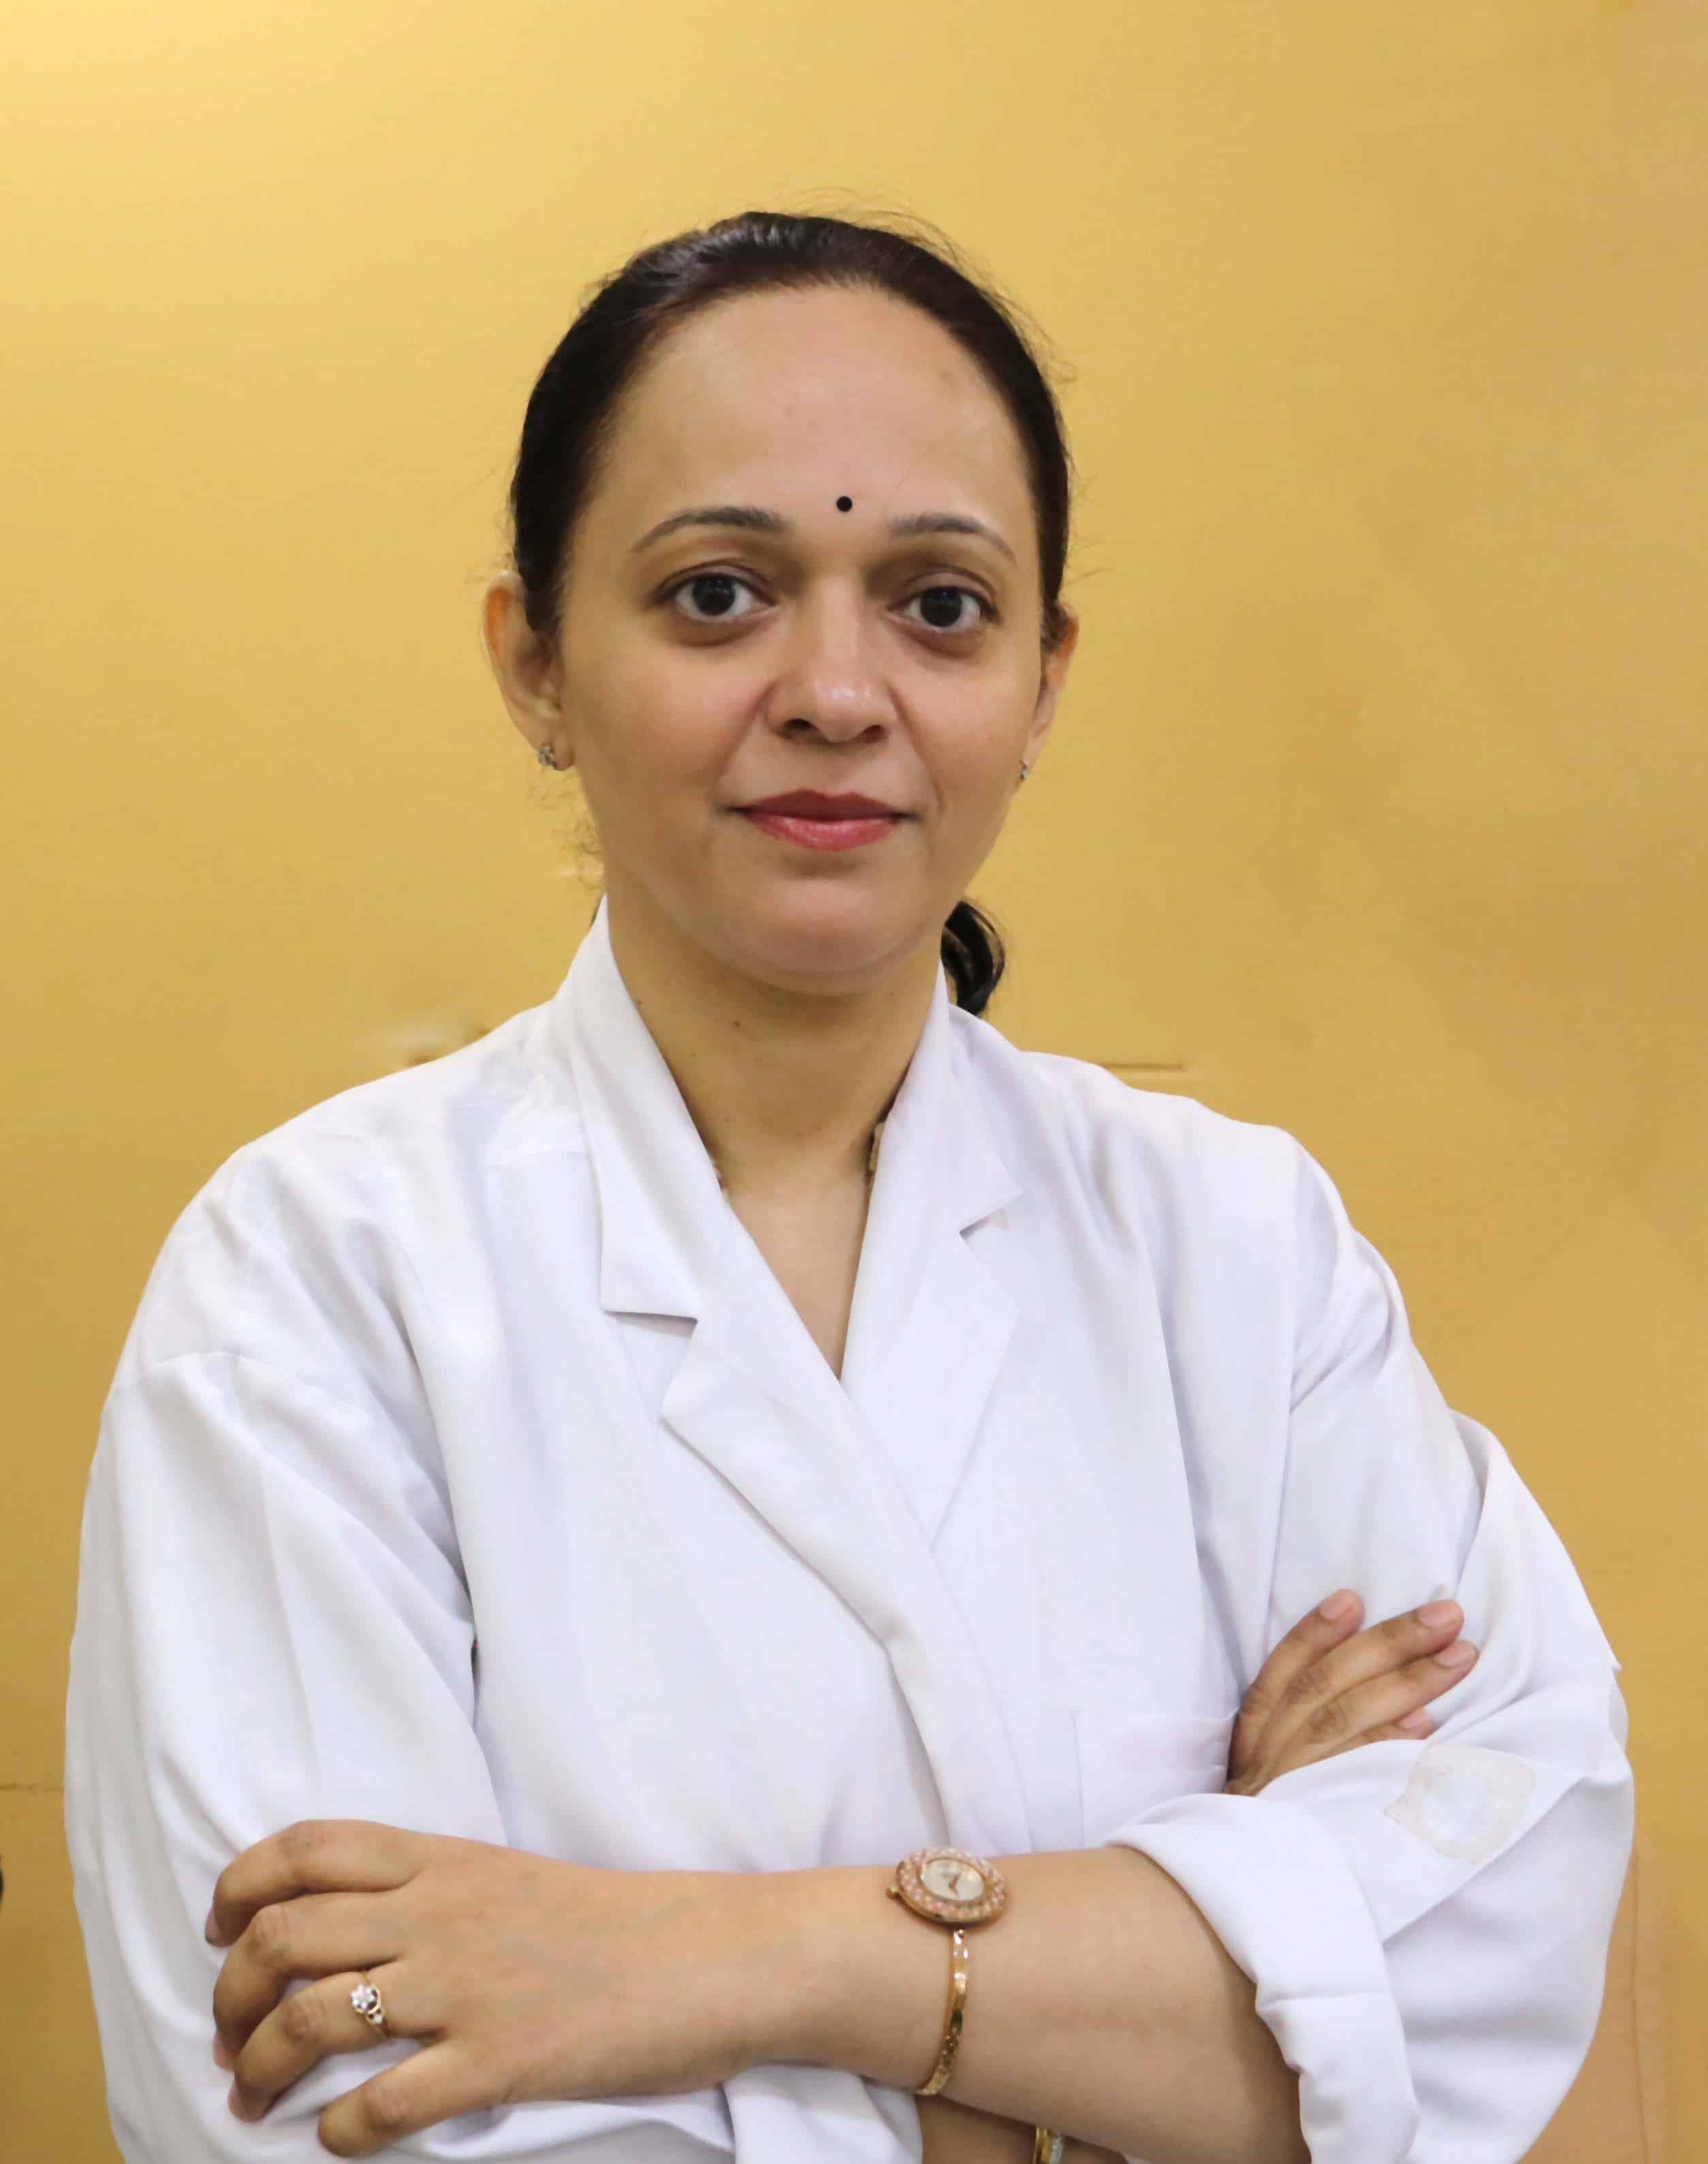 Dr. Ekta Sharma